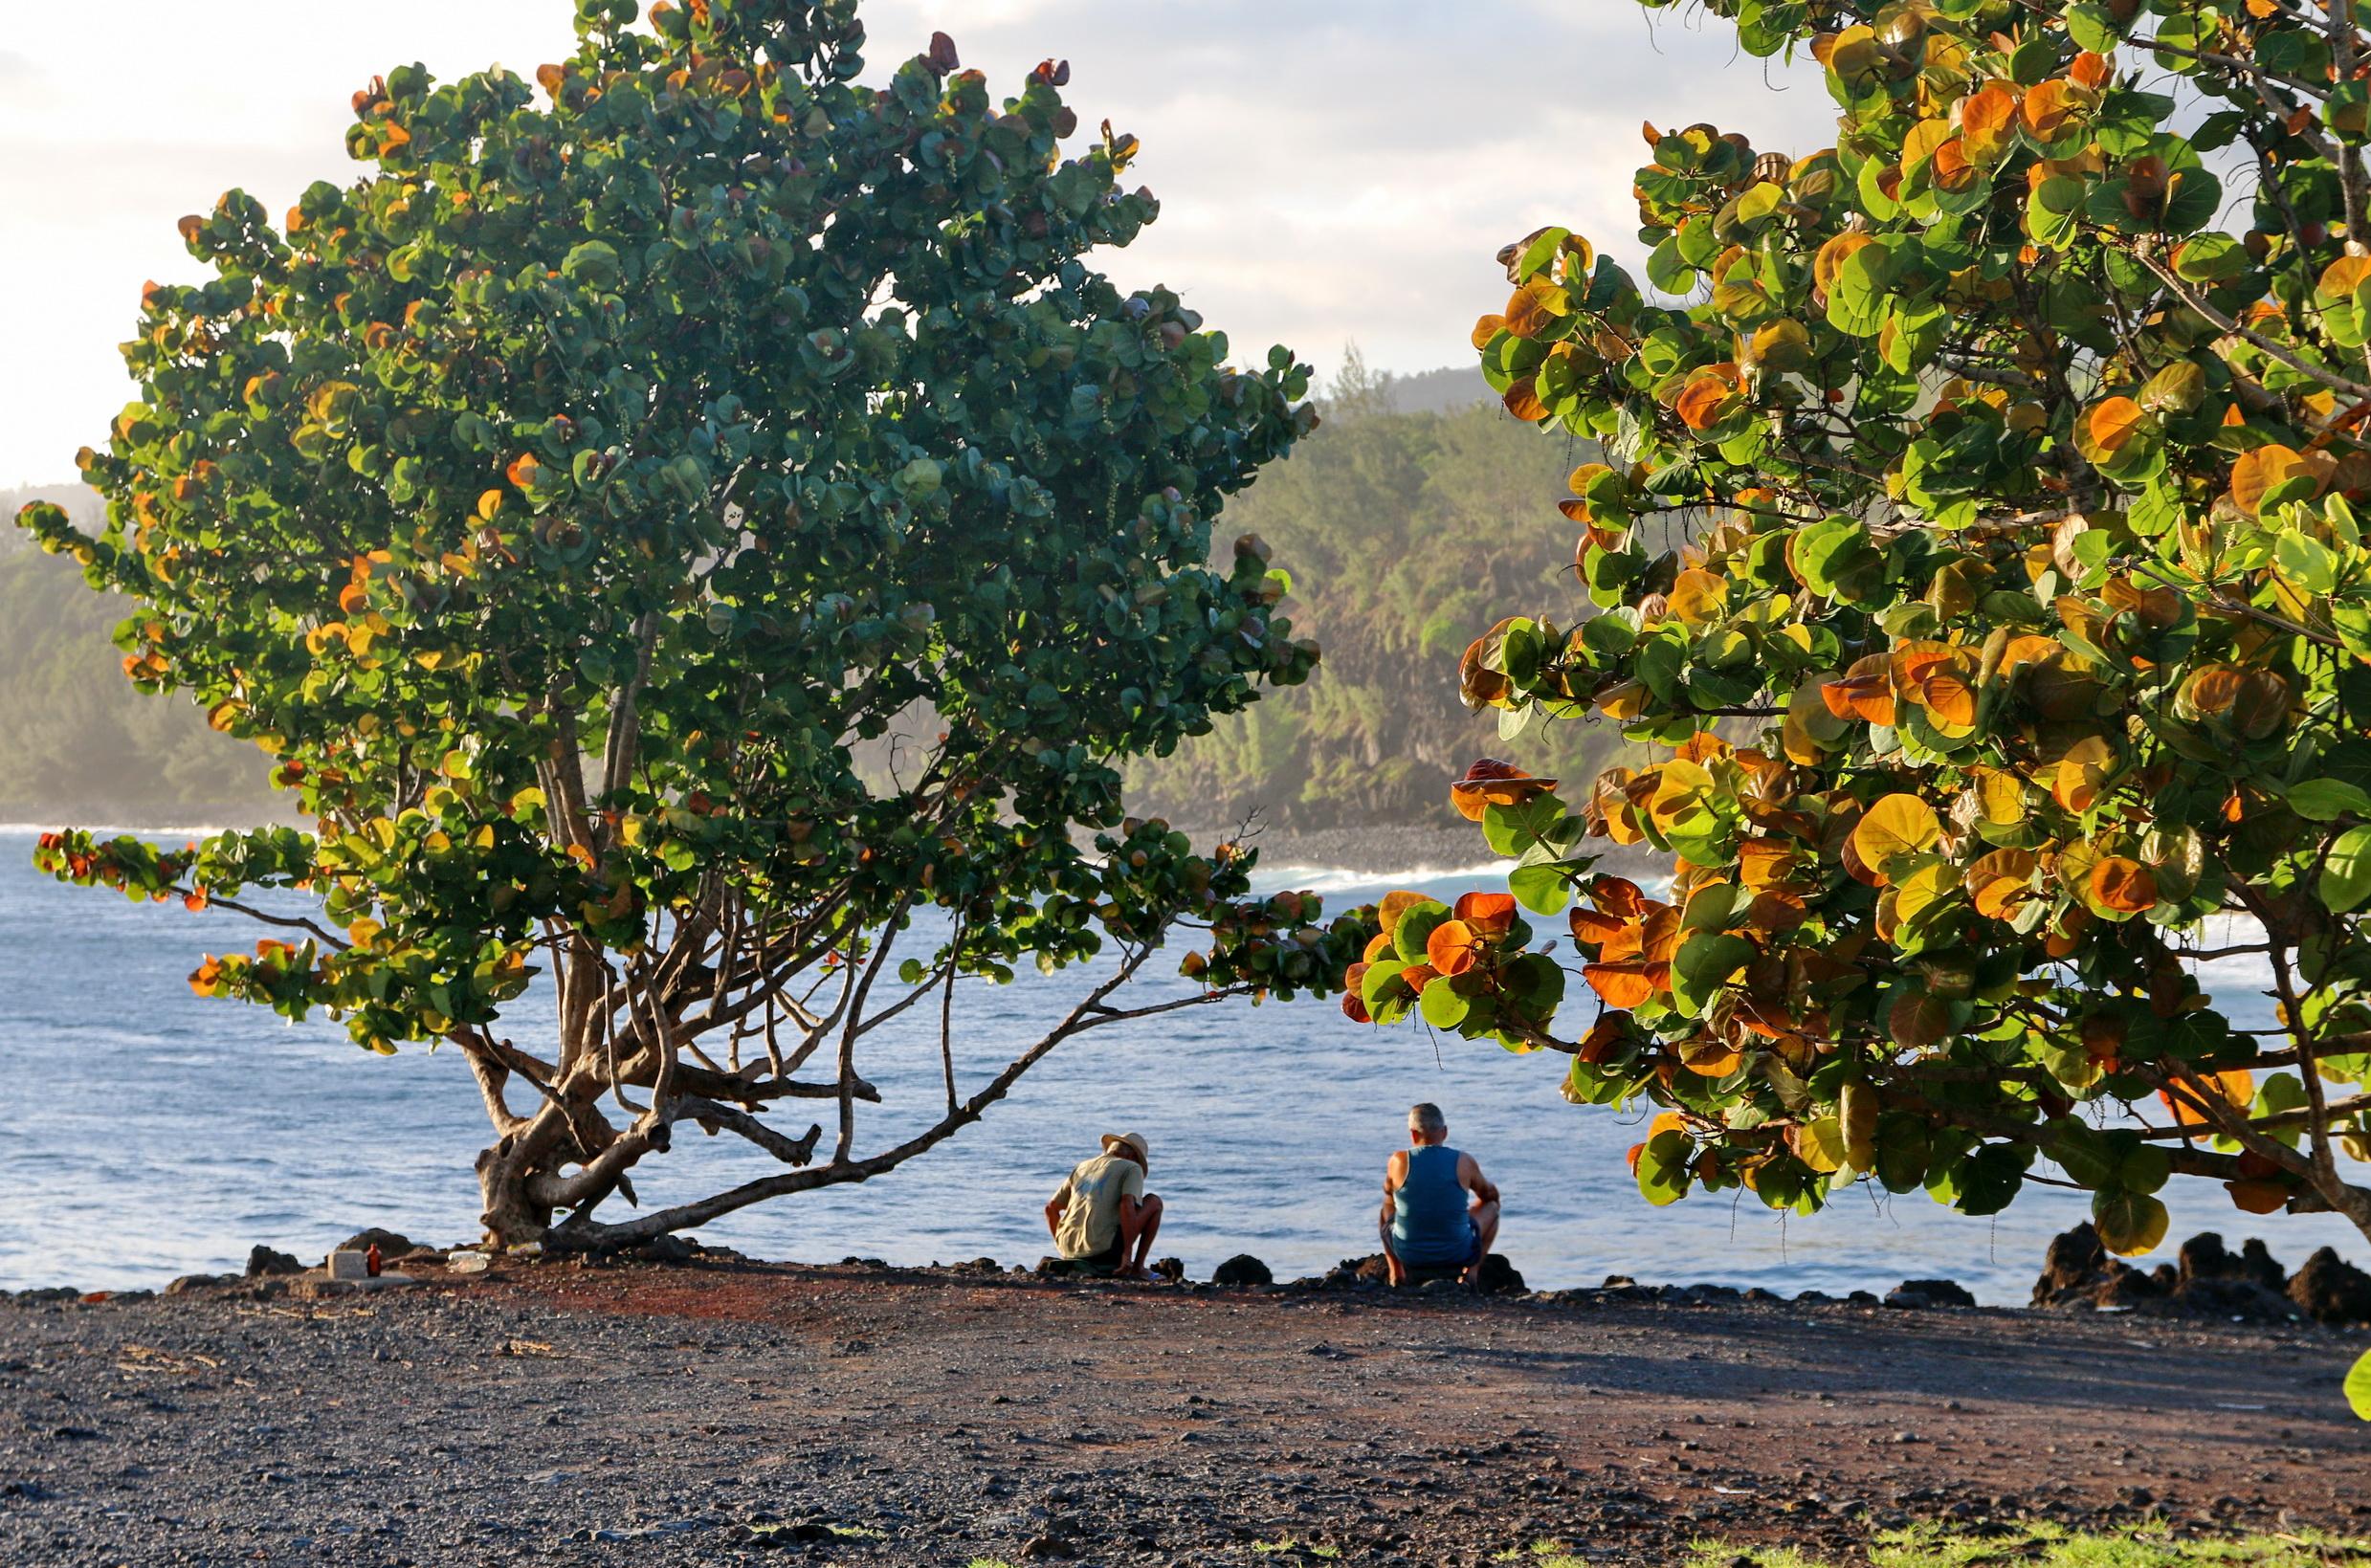 [Vie des ports] Les ports de la Réunion - Page 5 896706capmchantlangevin159